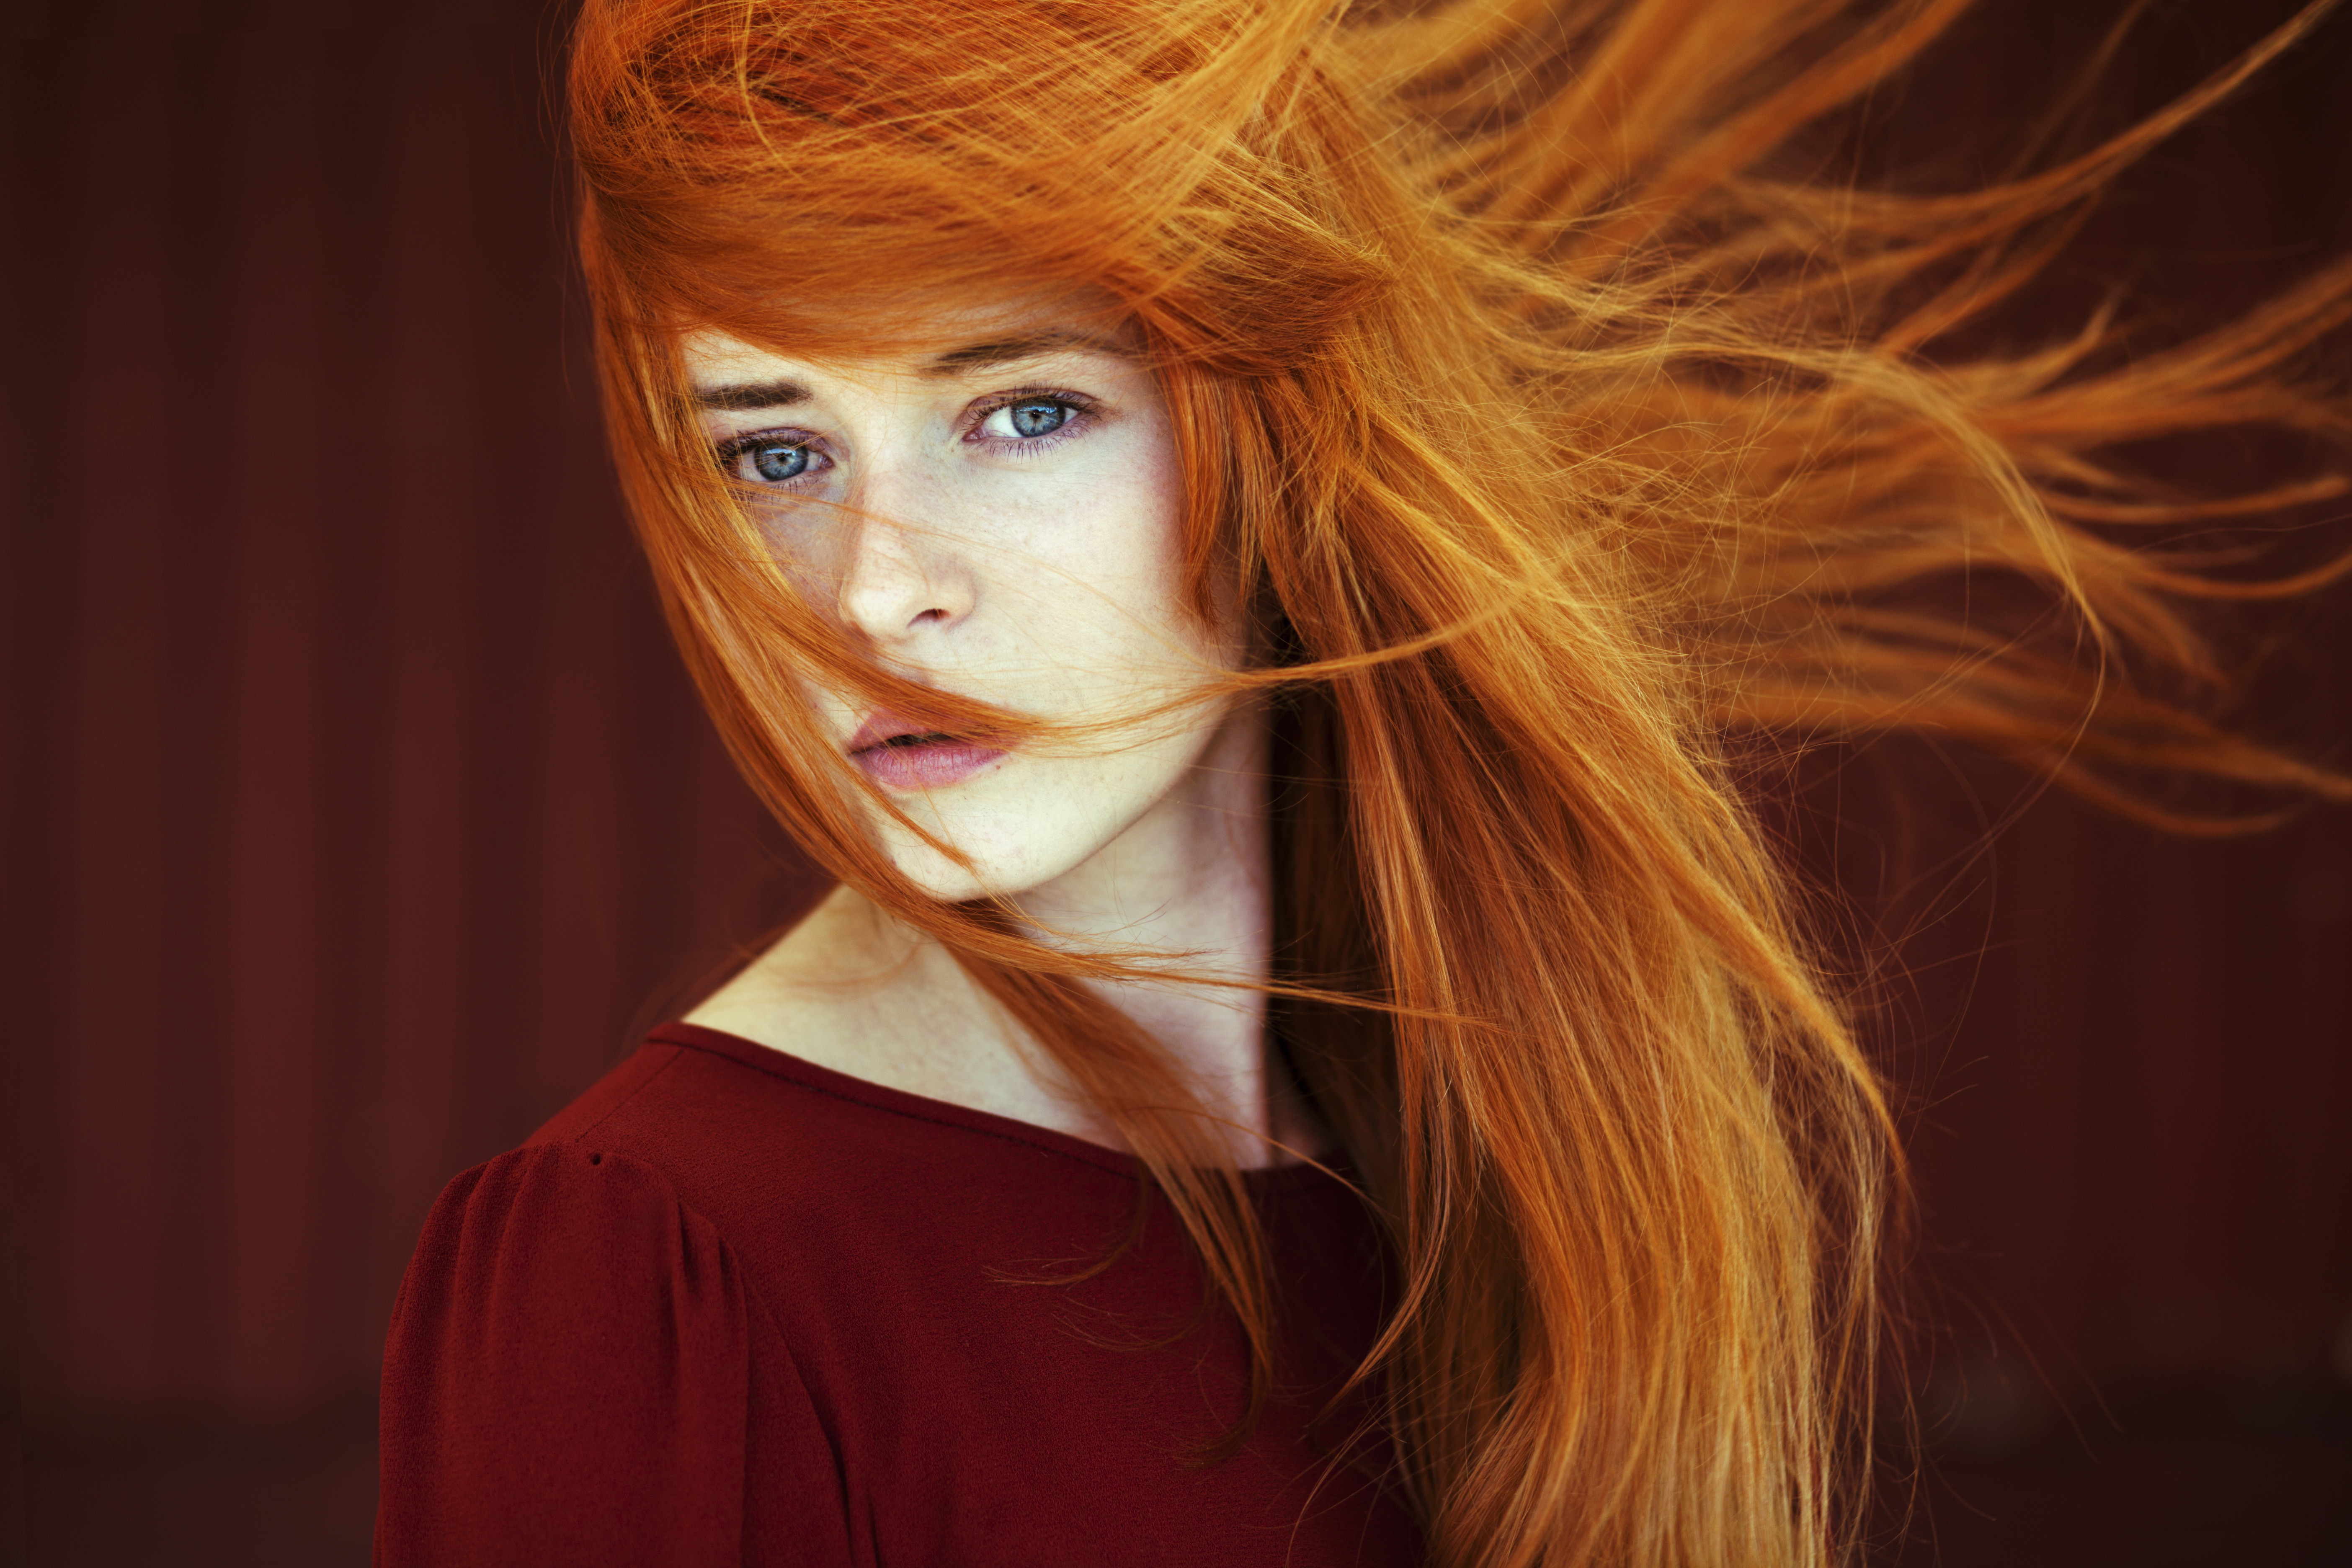 Москвы подмосковья самая красивая девушка рыжеволосая женщины большой